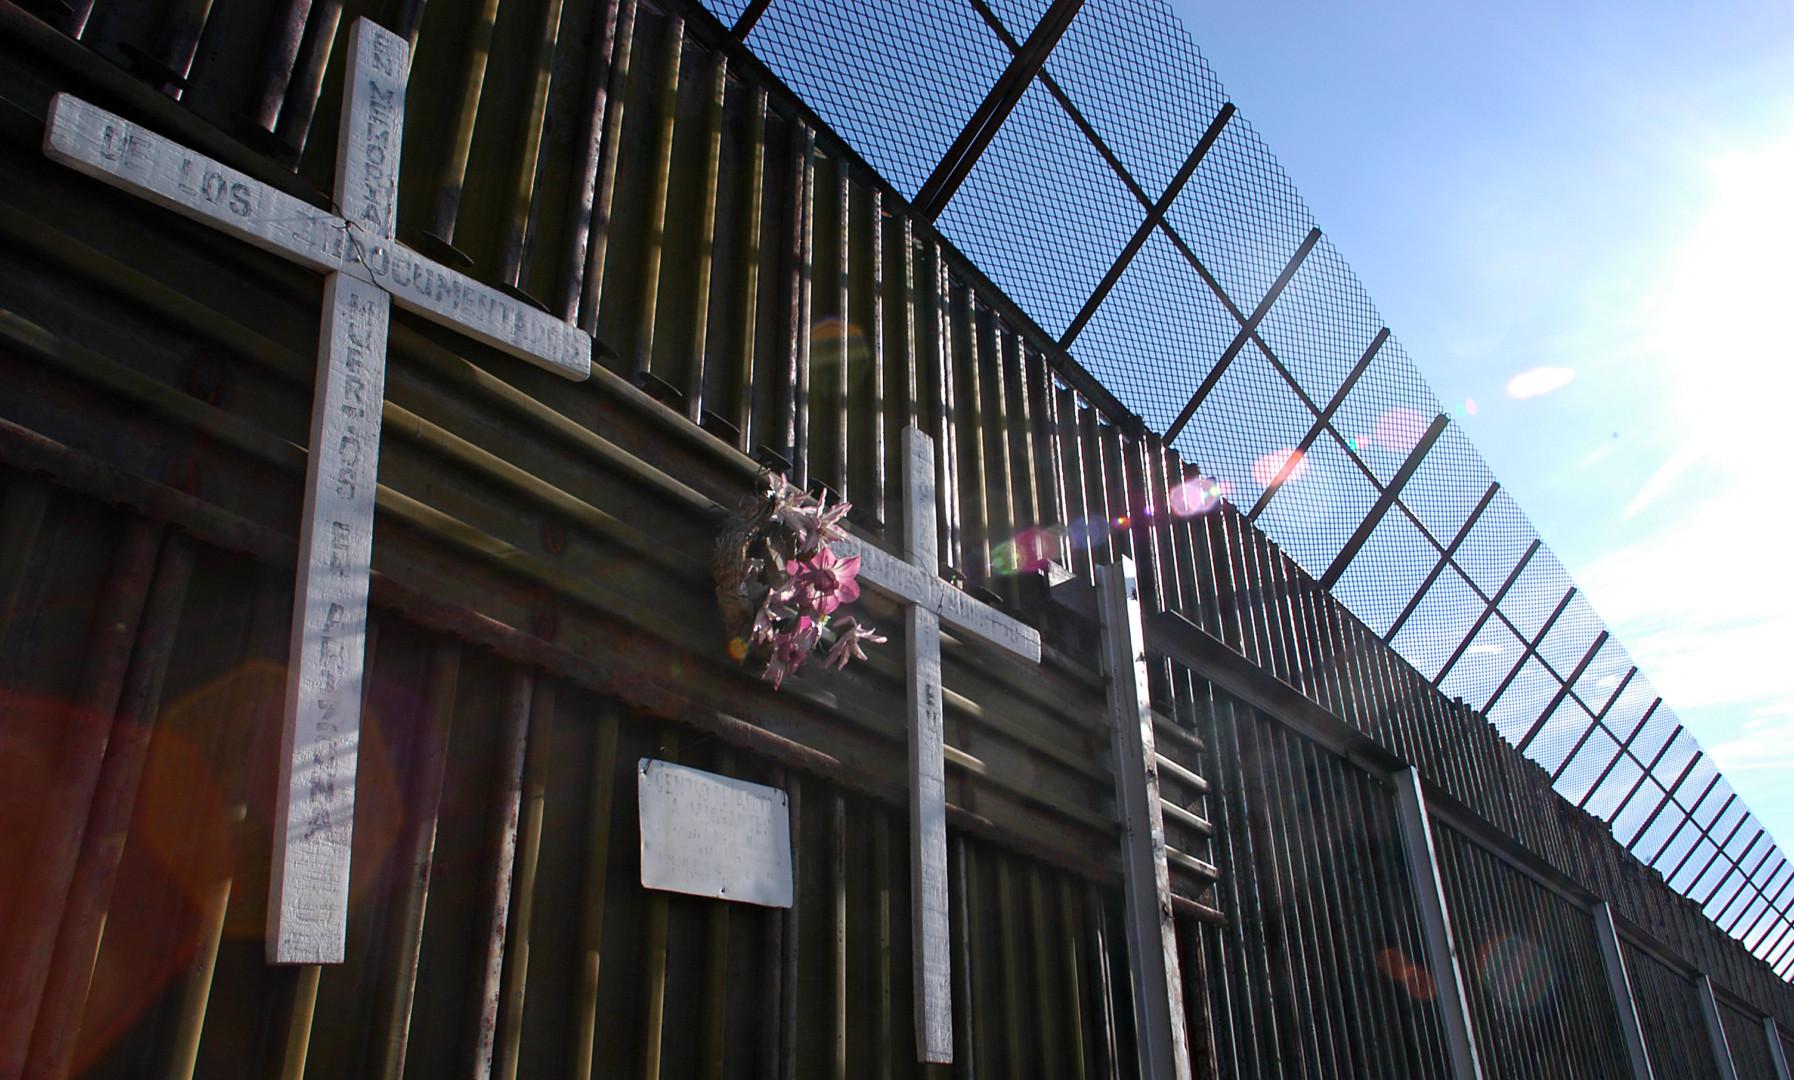 現實是墨西哥邊境的情況並非完全失控,美國的安全並沒有受到實質的威脅。(亞新社)